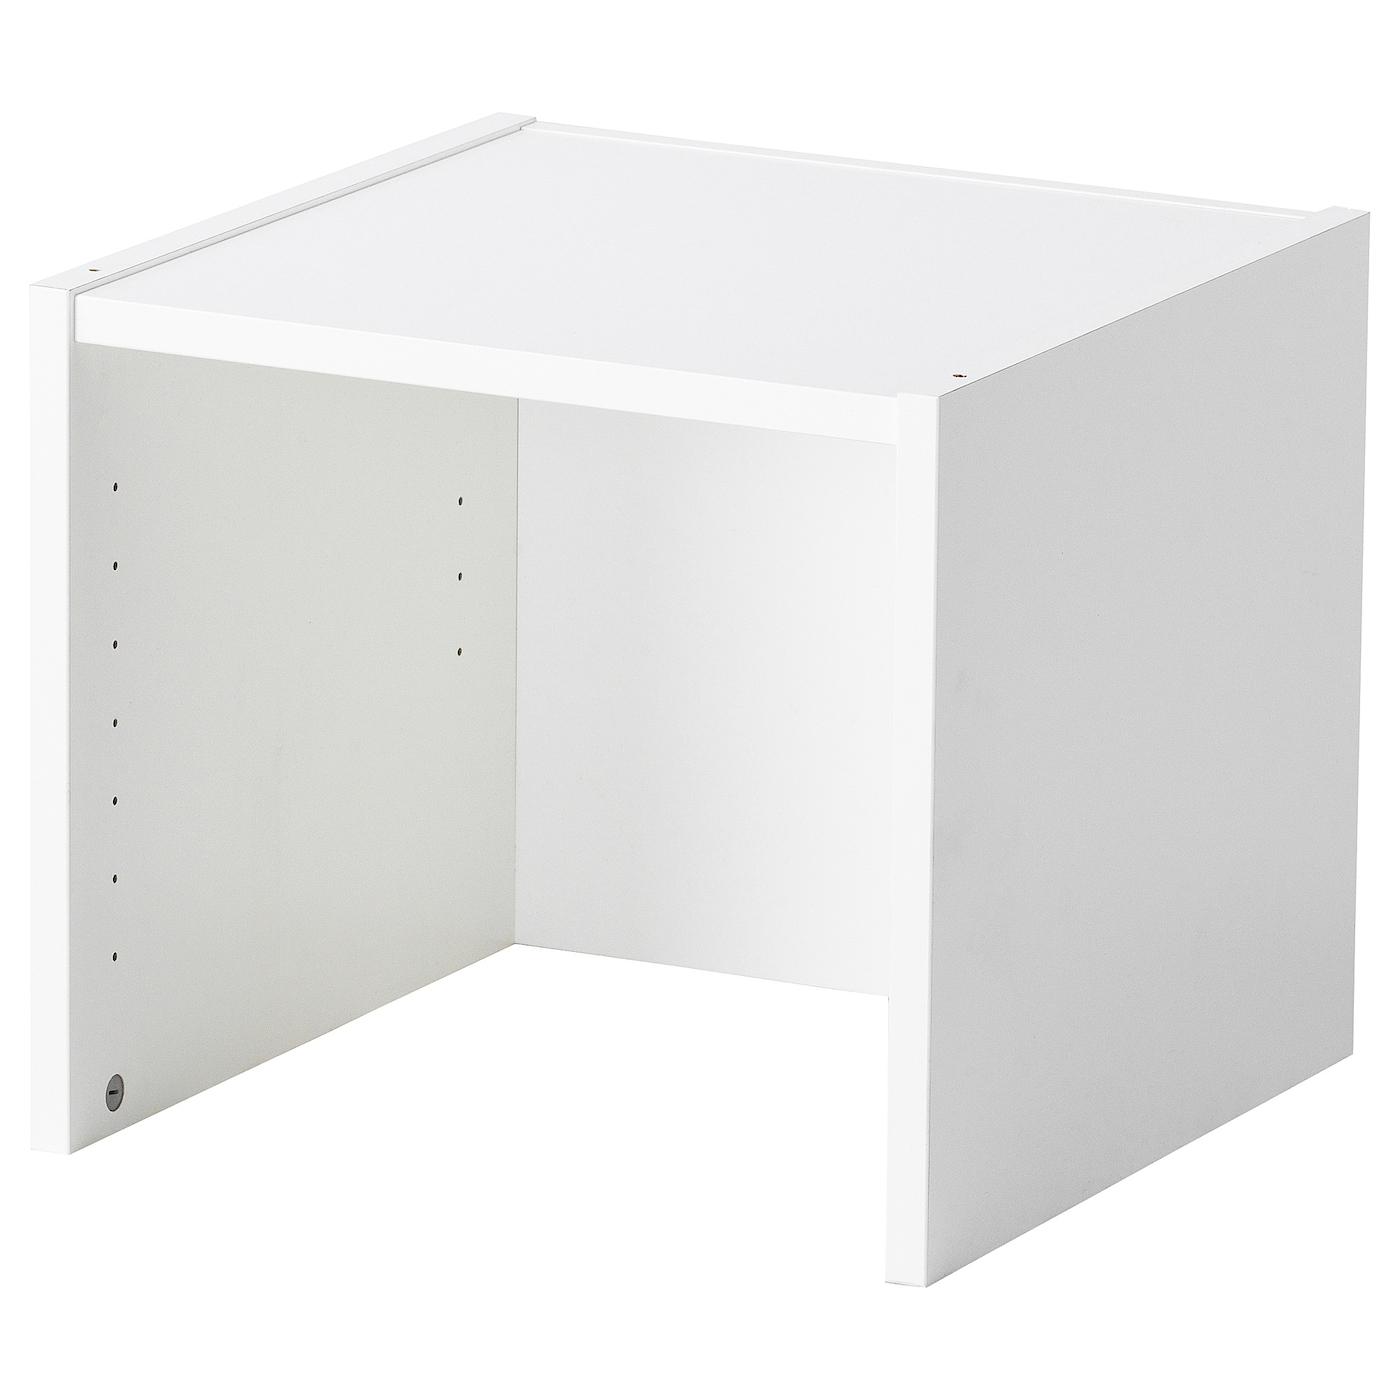 BILLY Aufsatzregal weiß IKEA Deutschland